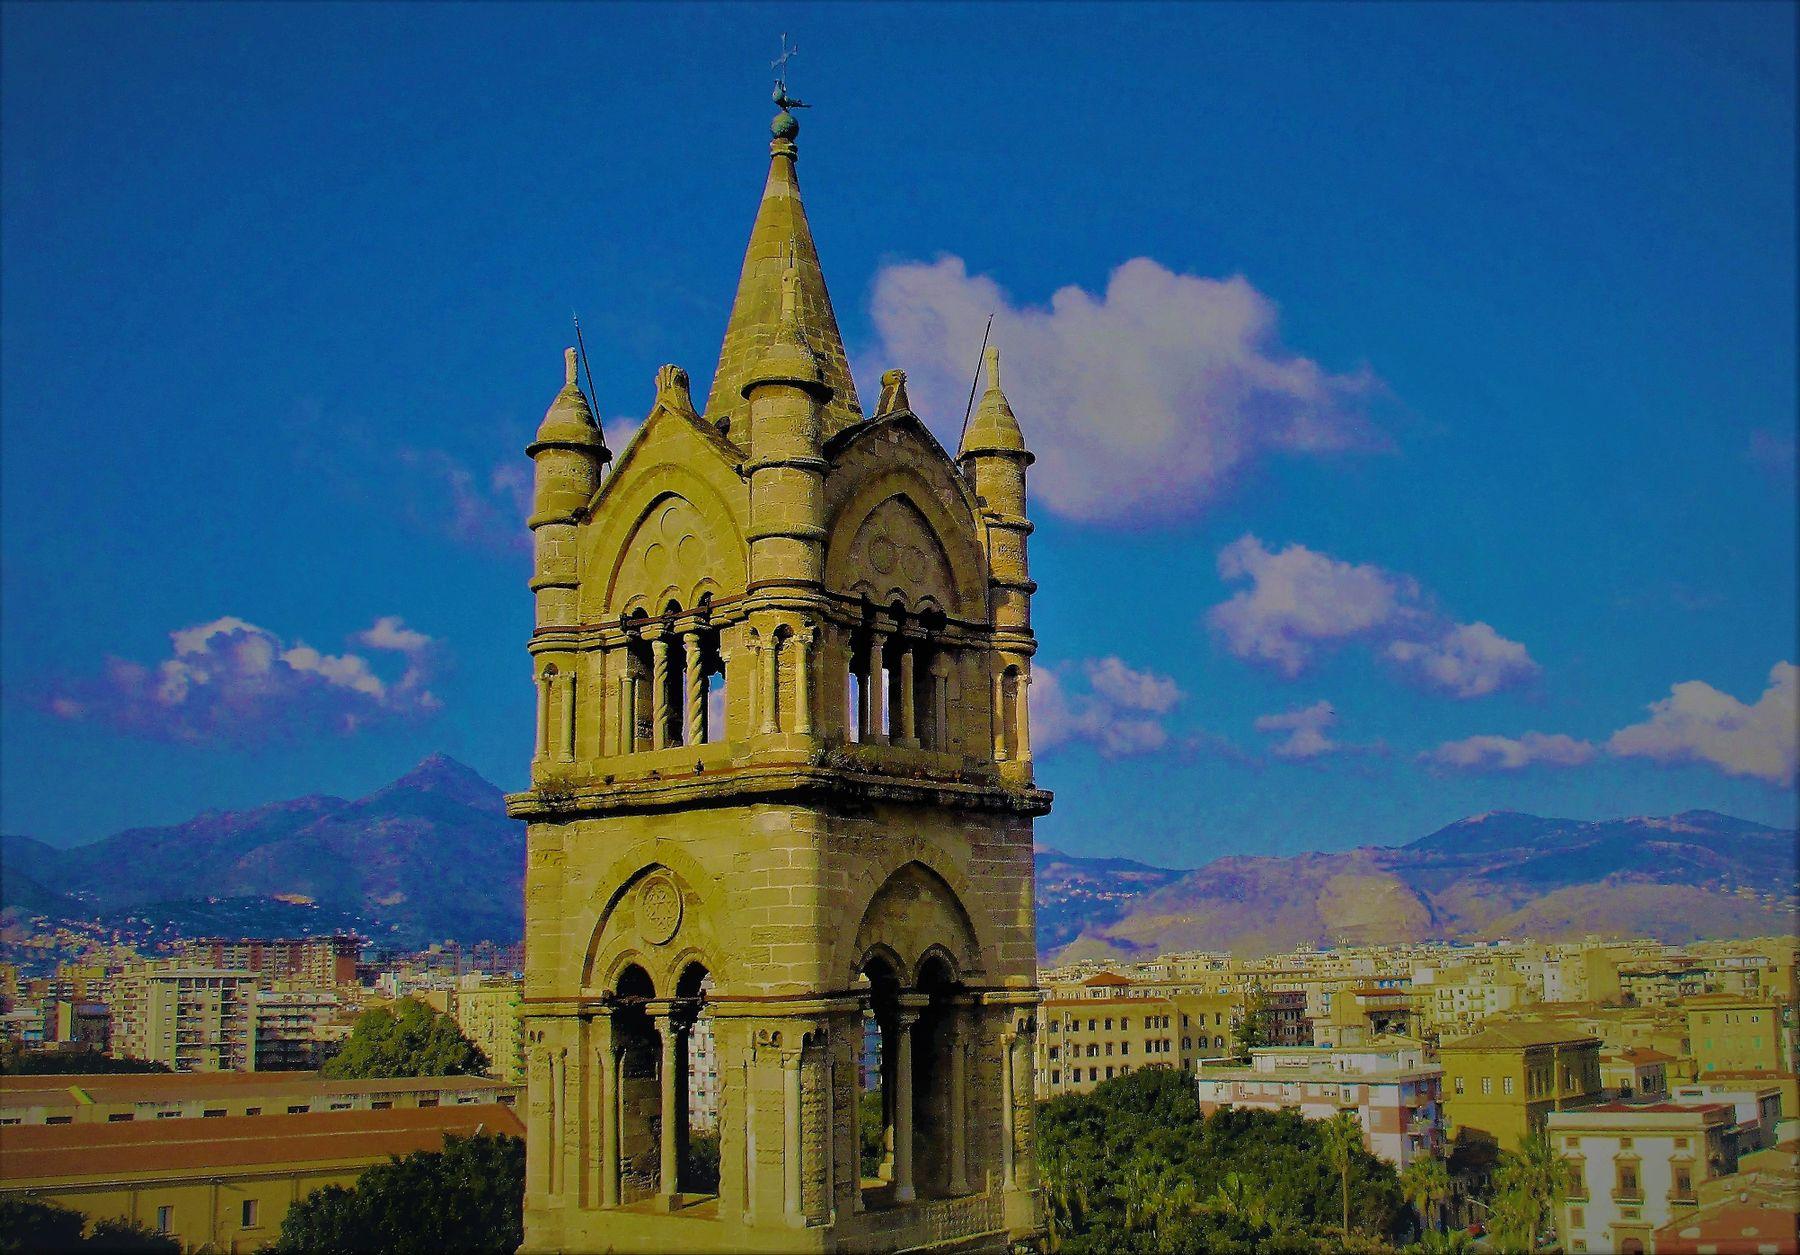 Взгляд на Палерму Путешествия Палермо башня Кафедрального Собора